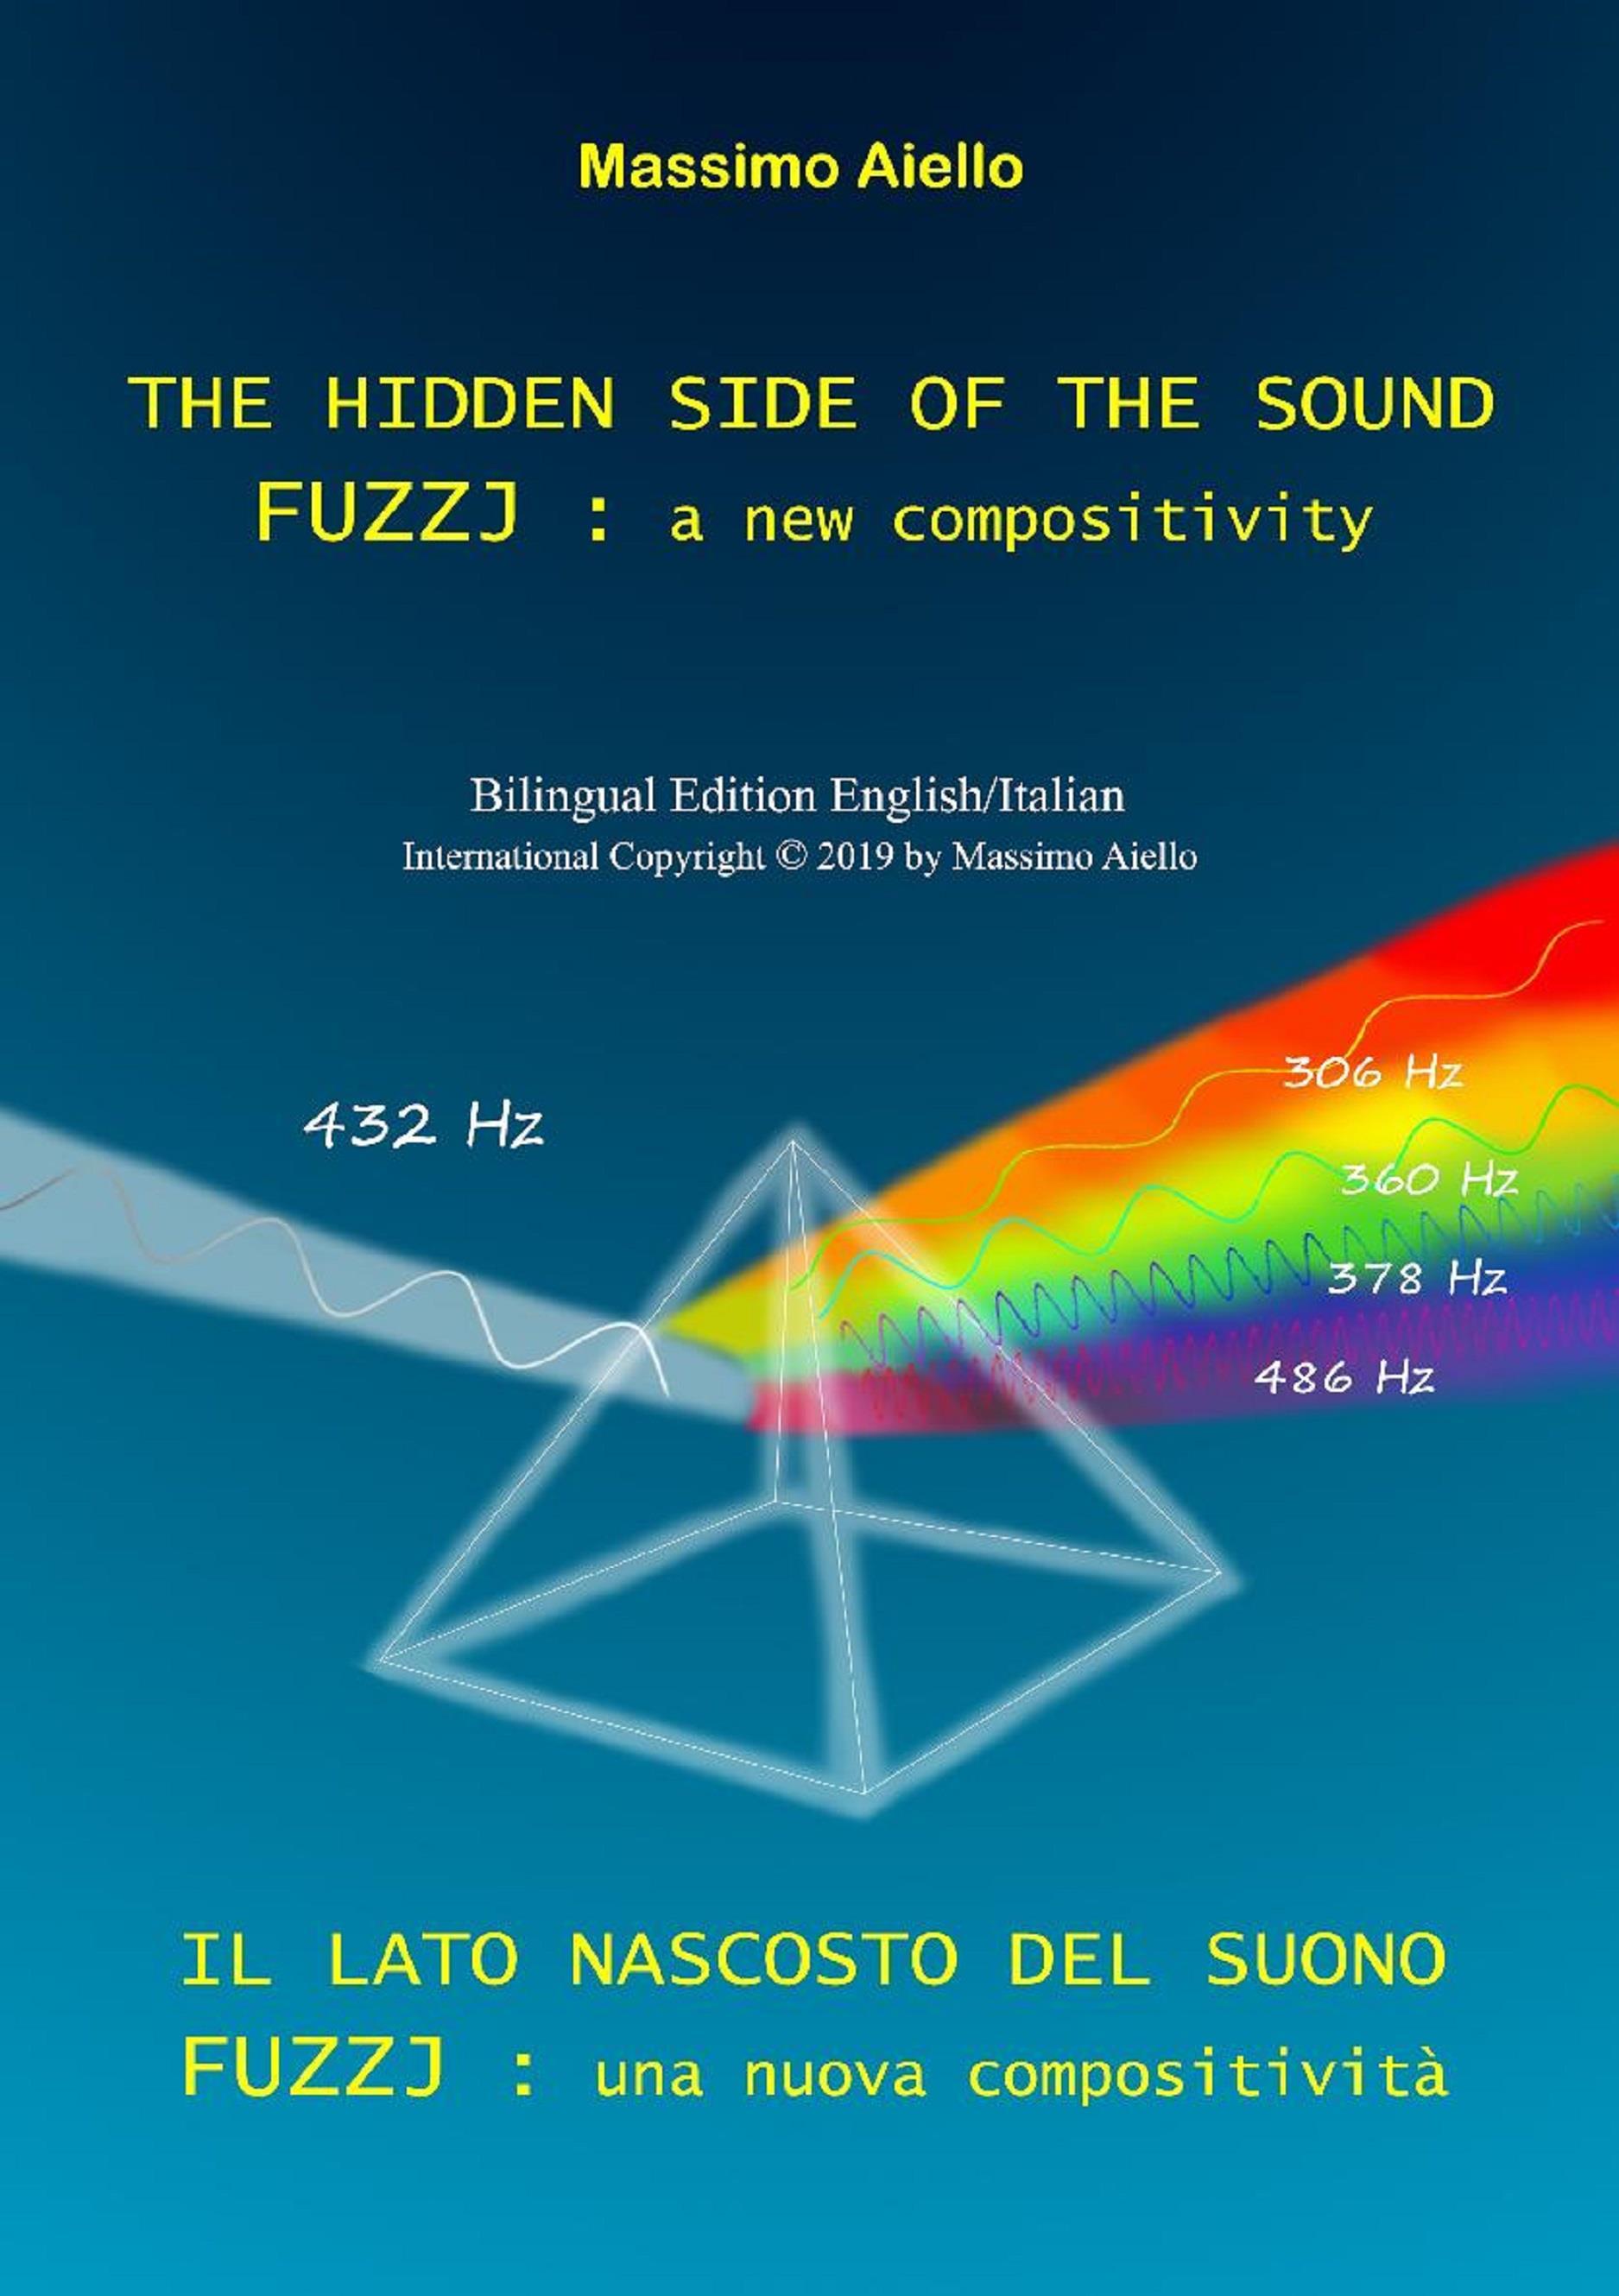 THE HIDDEN SIDE OF THE SOUND - FUZZJ : a new compositivity / IL LATO NASCOSTO DEL SUONO - FUZZJ : una nuova compositività (Bilingual edition English/Italian)